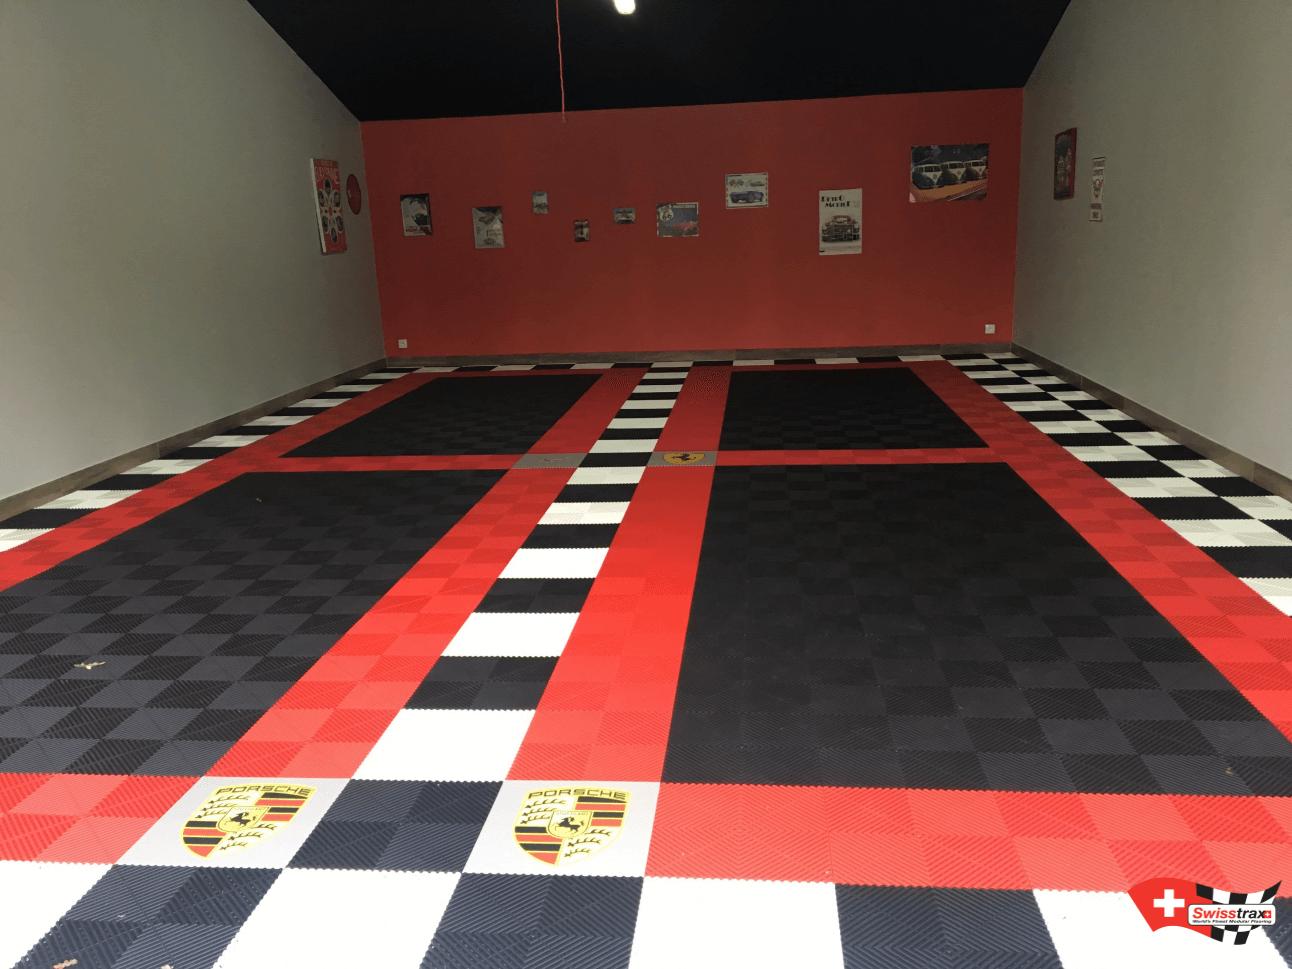 Revetement De Sol Pour Garage a la recherche de dalles de sol pour garage ? profitez de la